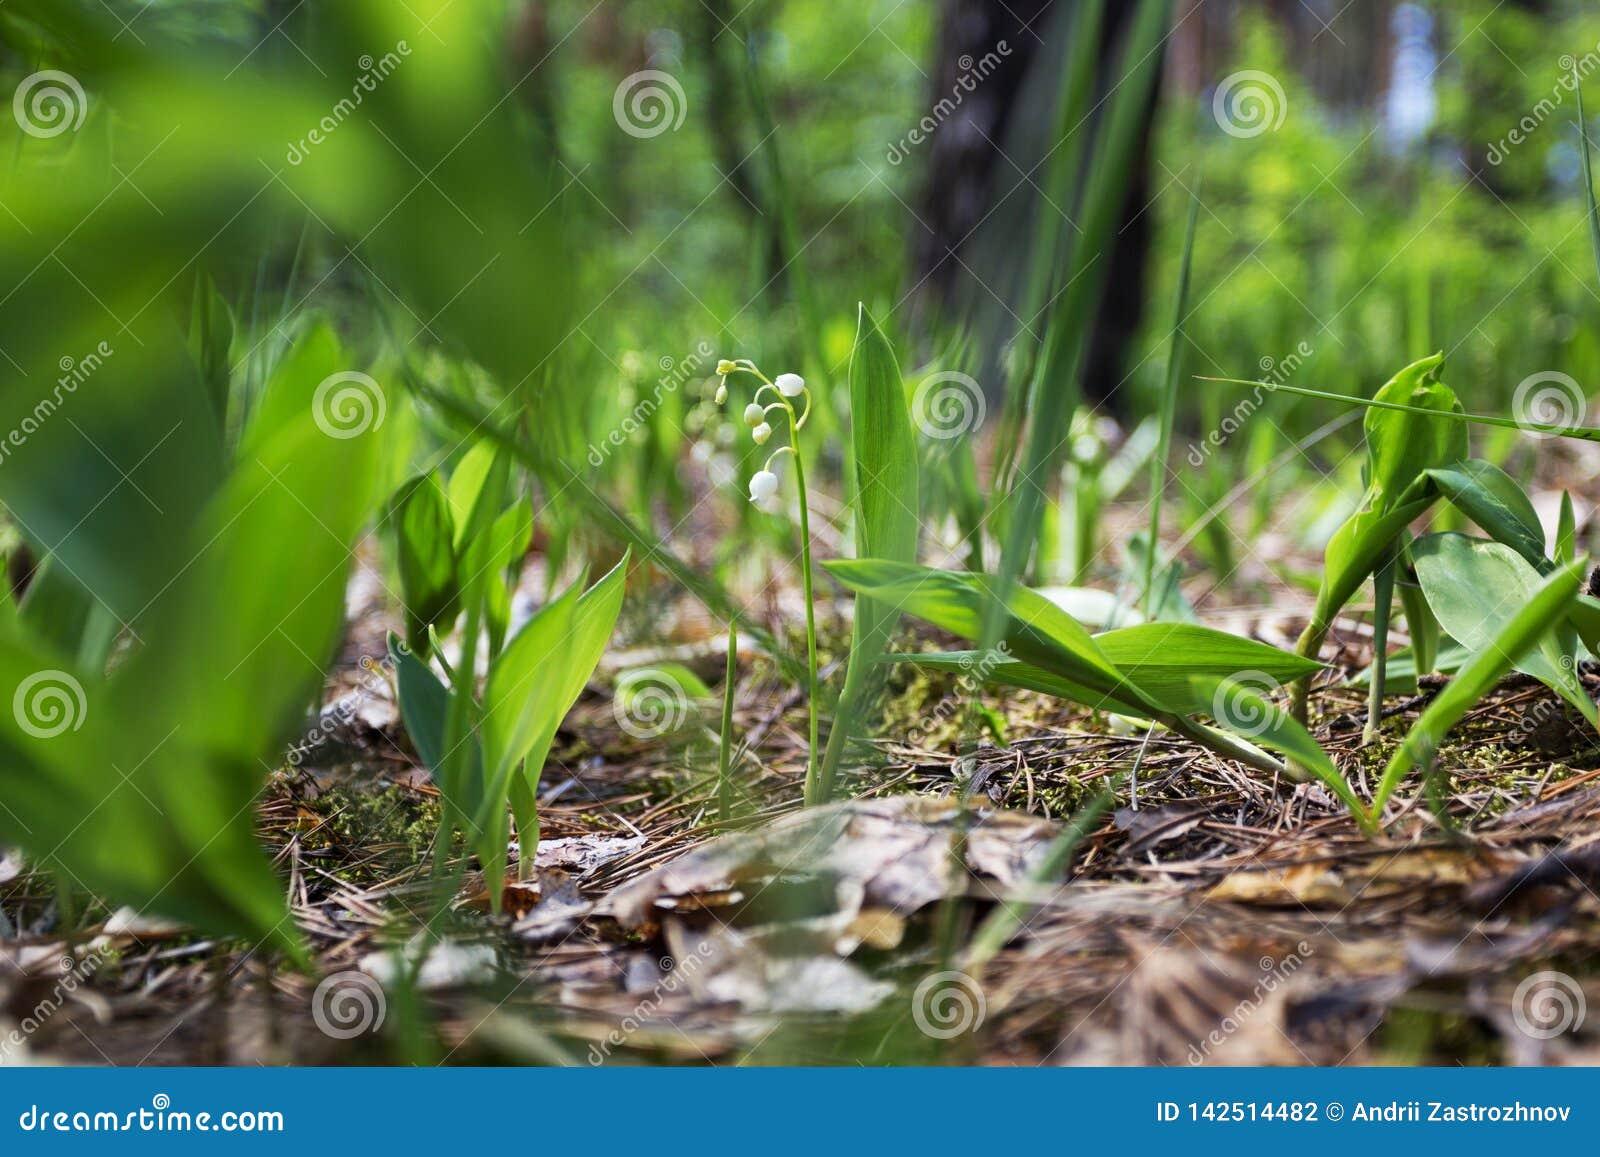 Lis sauvages dans la forêt